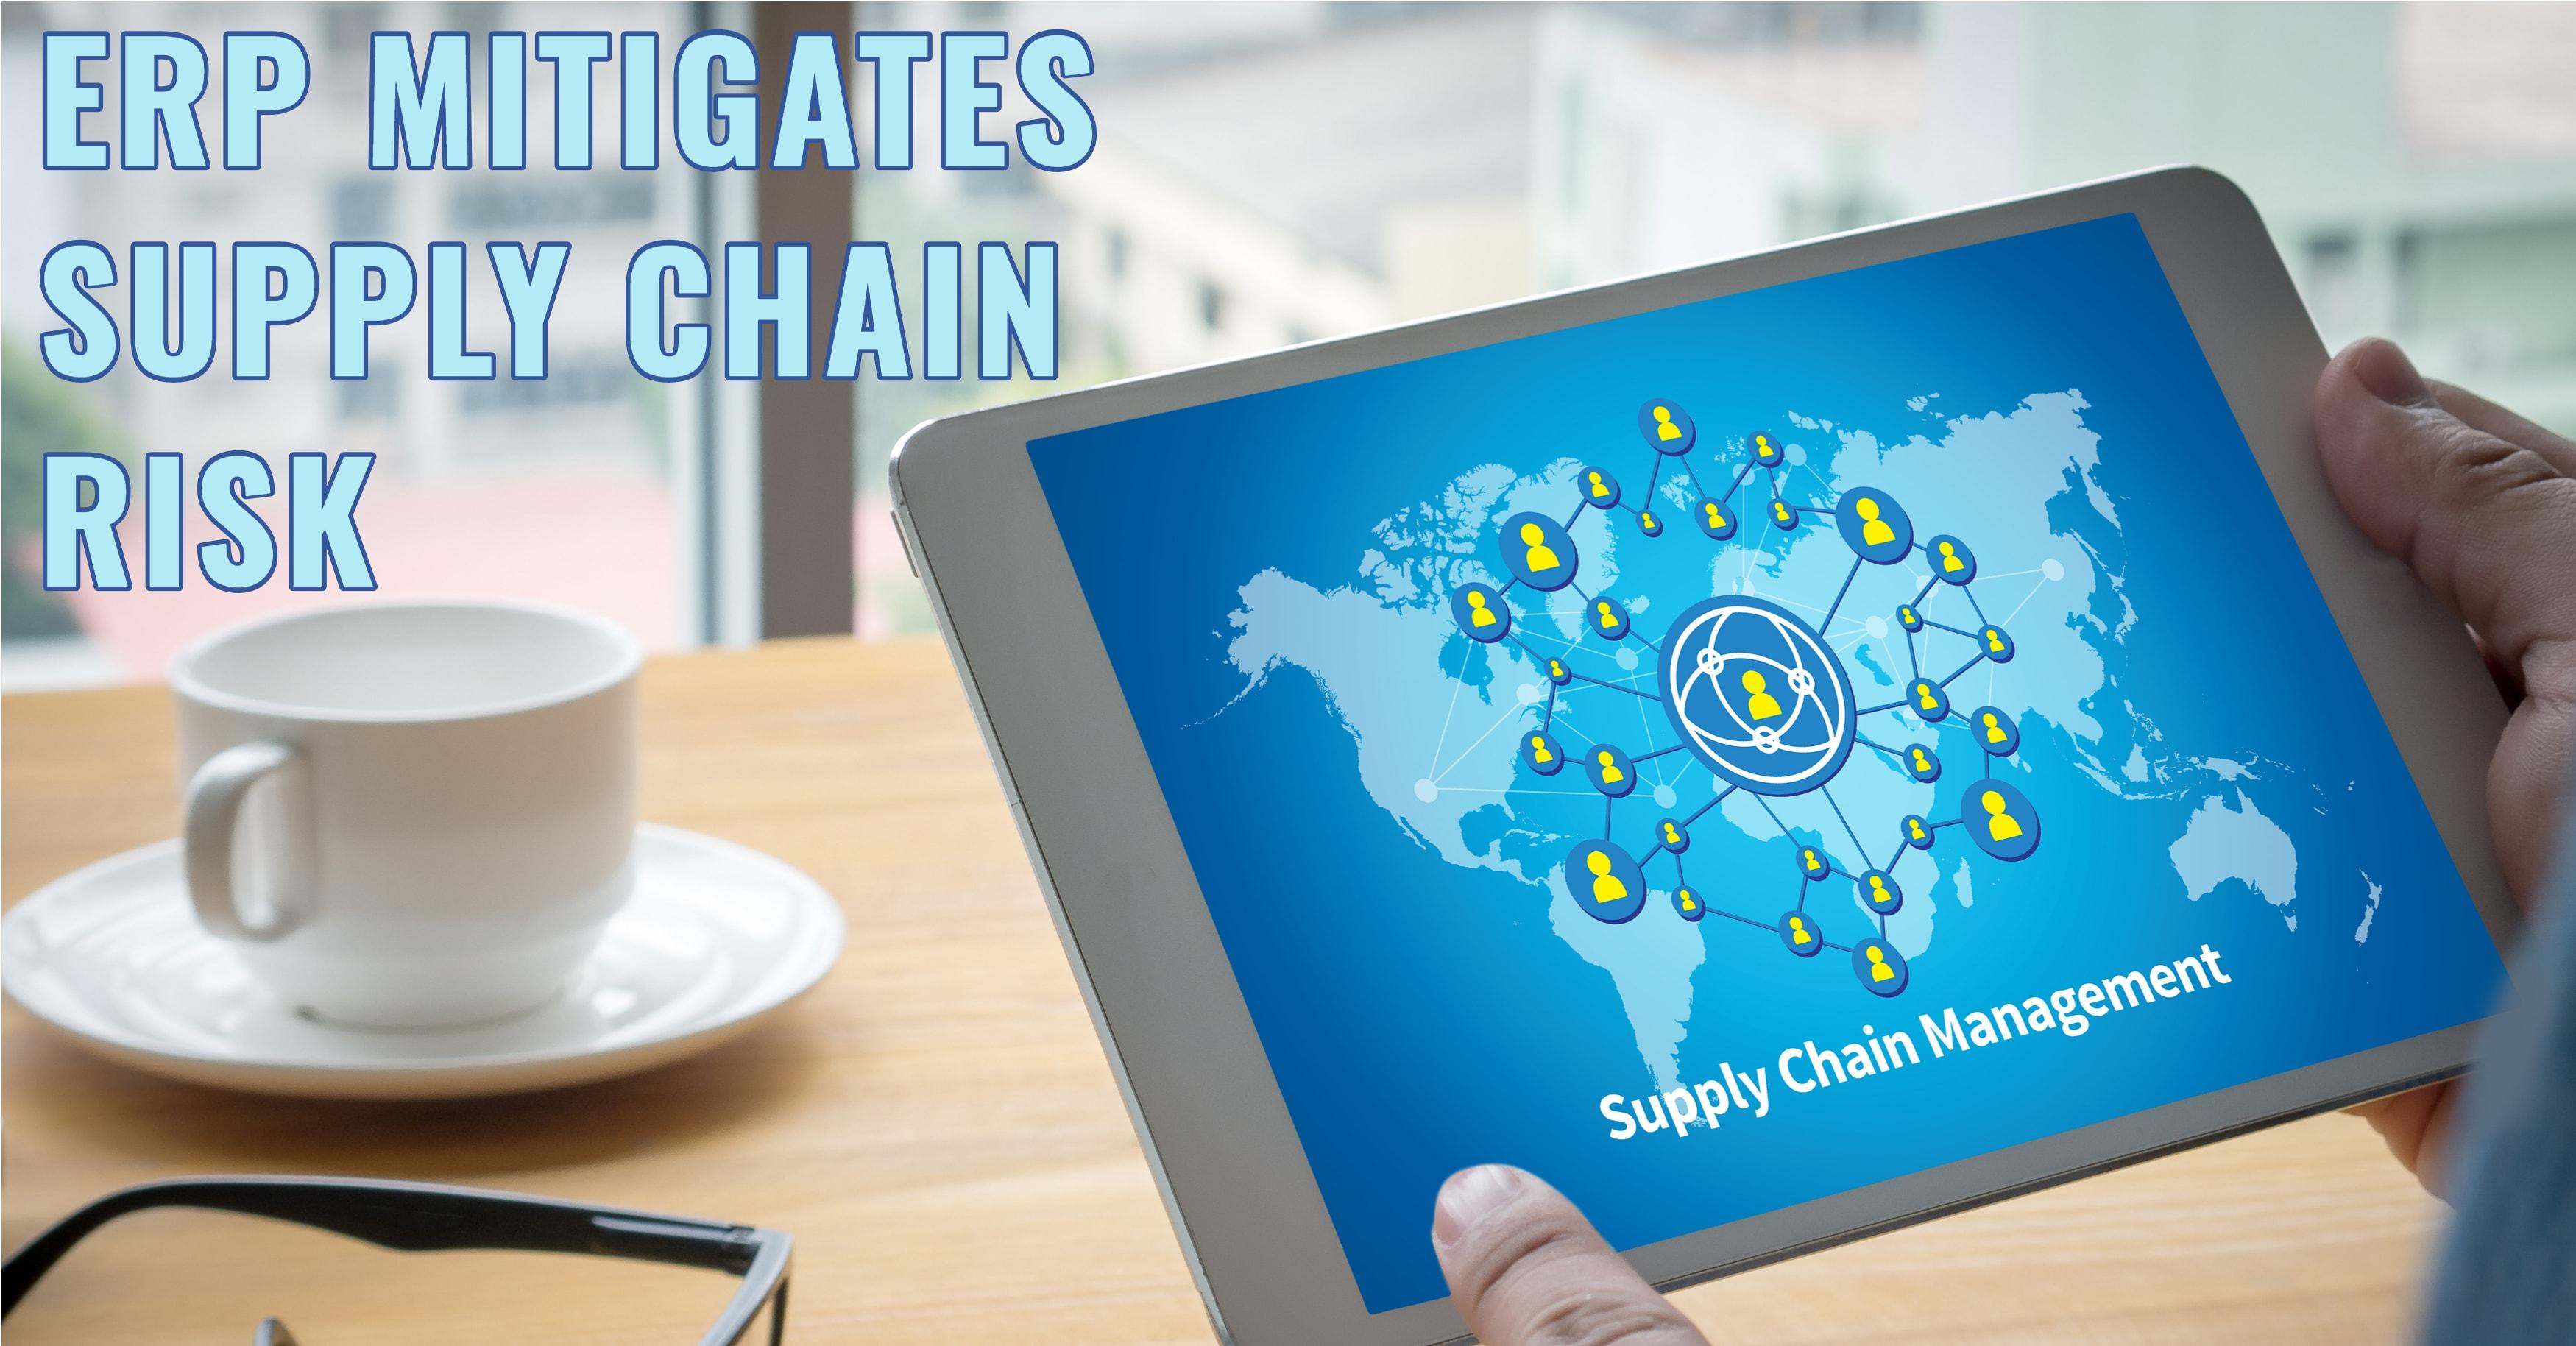 ERP Supply Chain Risk